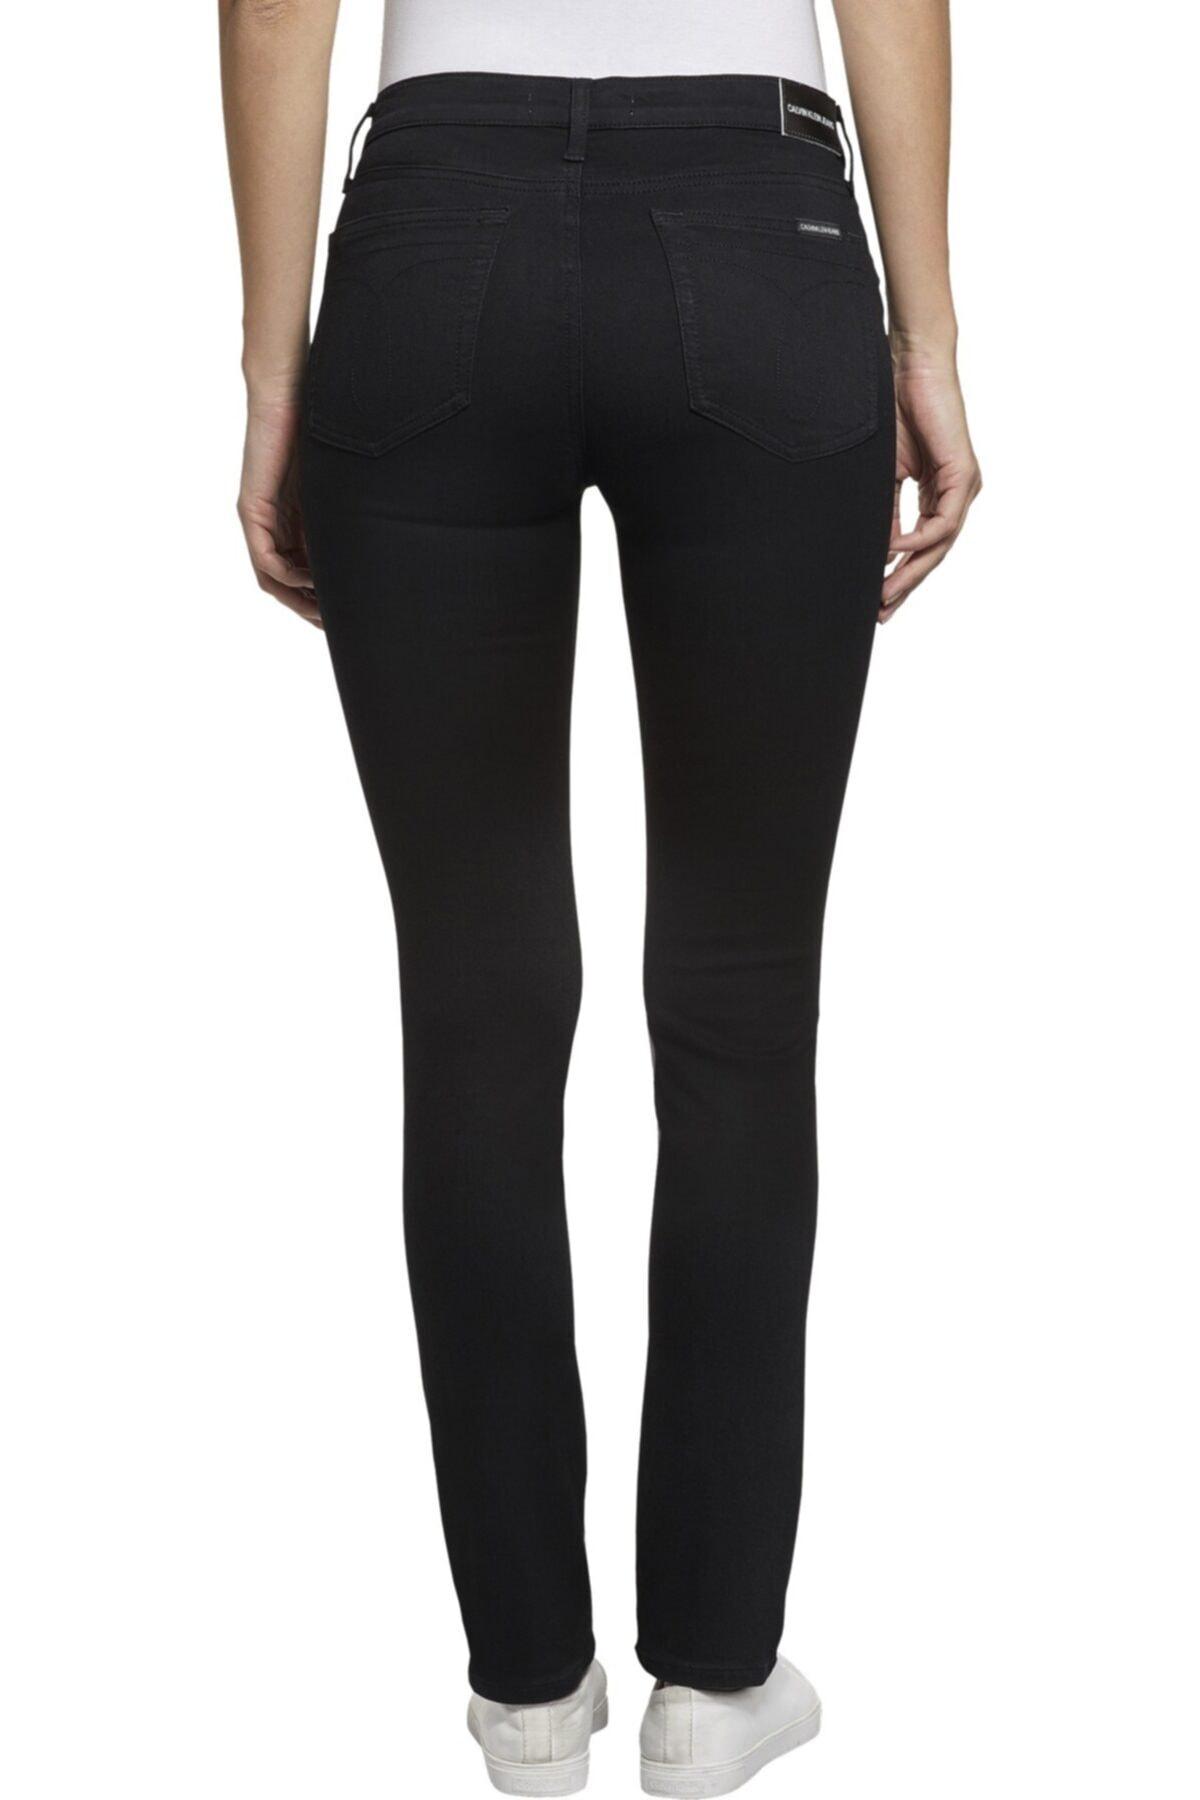 Calvin Klein Kadın Pantolon J20j212534 2